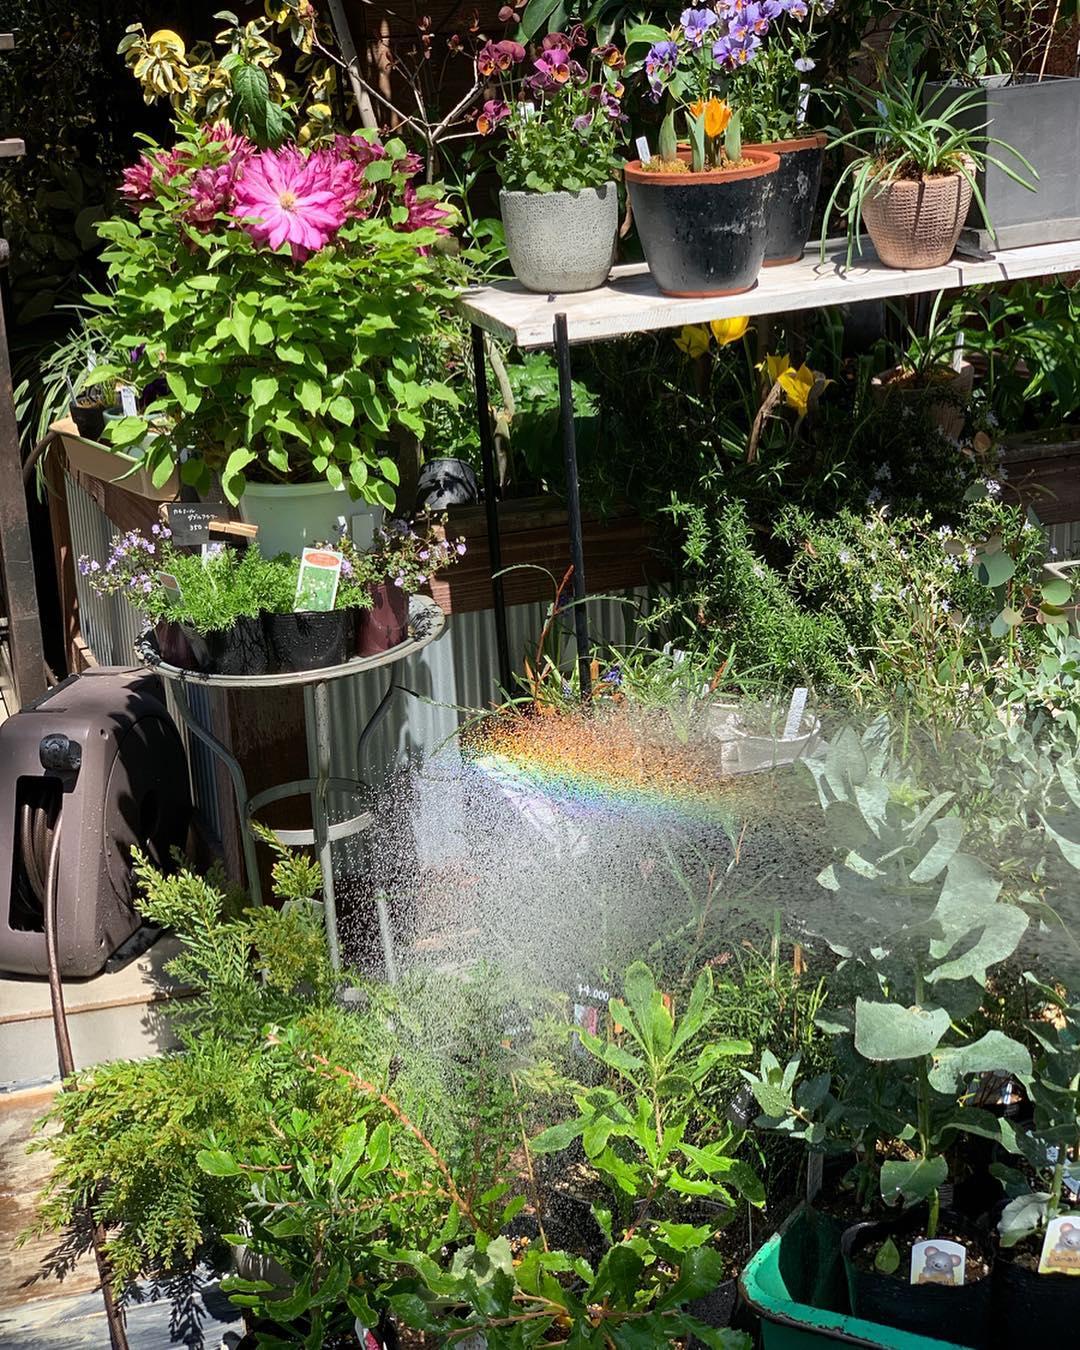 水流切り替えも簡単。4種のシャワーで、庭の水やりも、ベランダや車の掃除も自在な「ホースリール」|Royal Gardeners Club(ロイヤルガーデナーズクラブ)